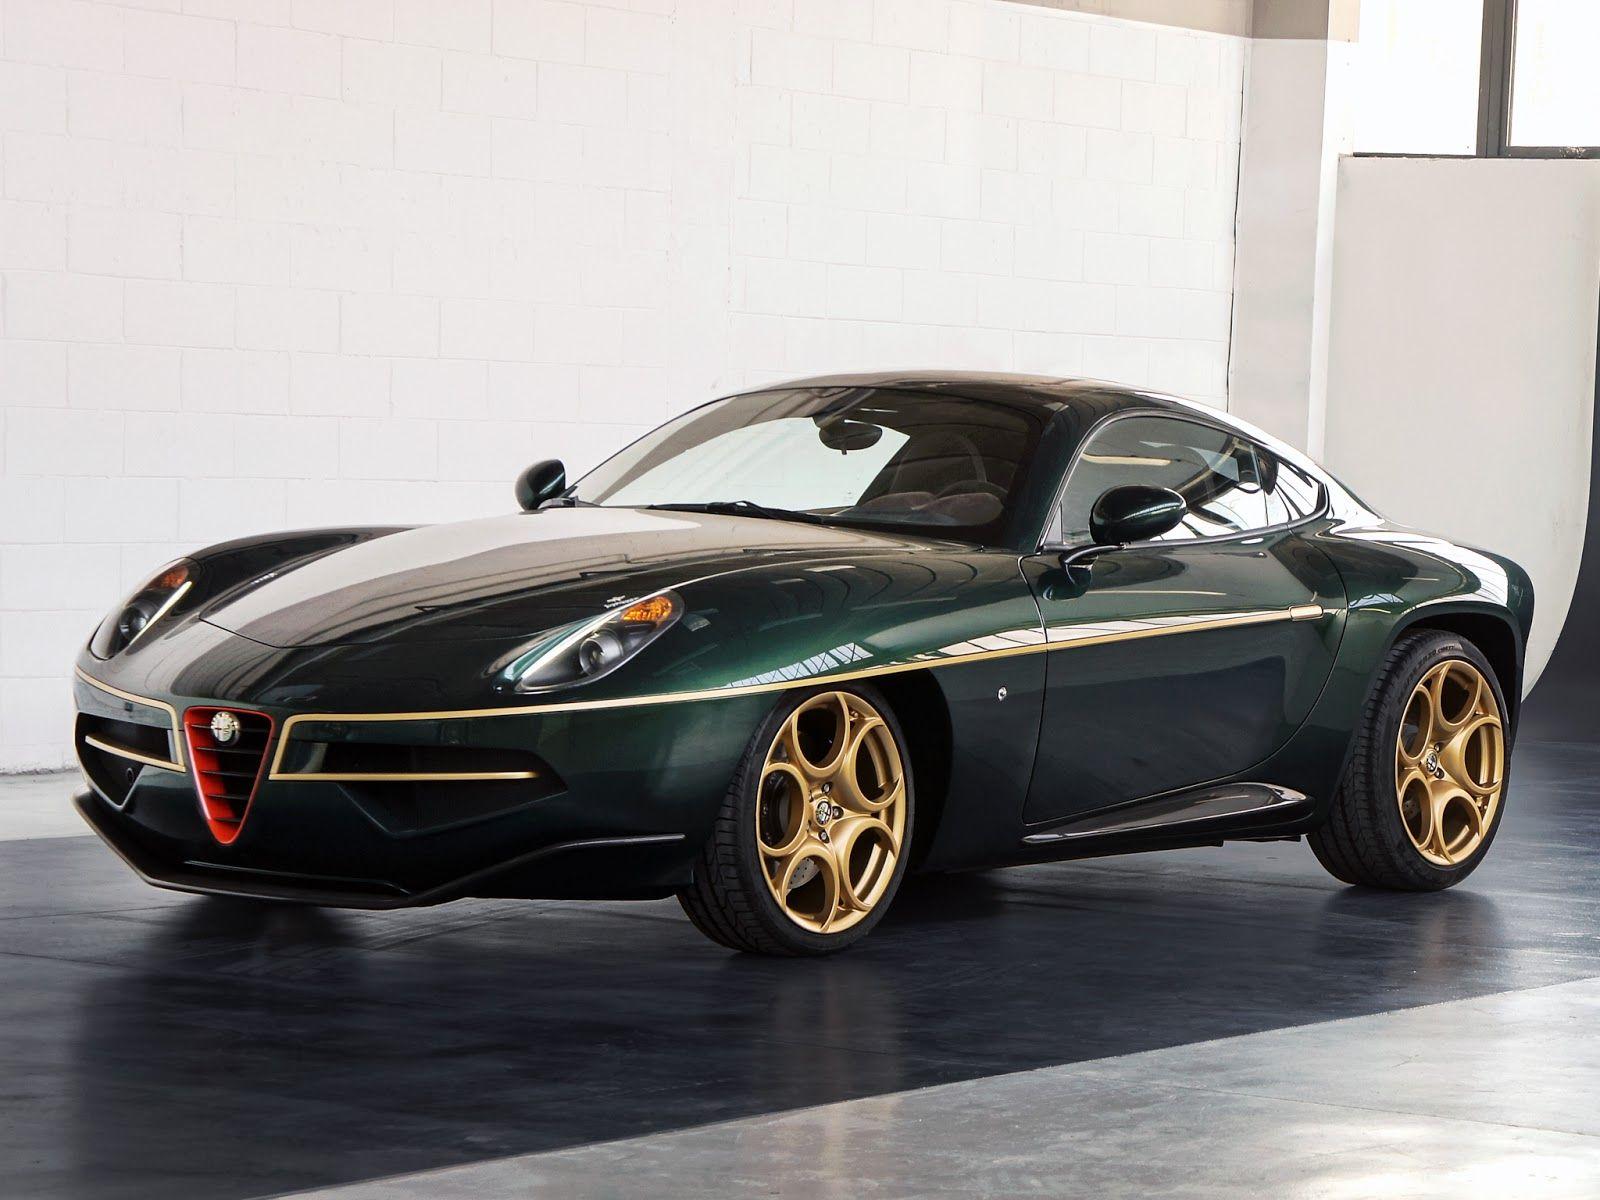 Alfa Romeo Disco Volante For Sale >> Disco Volante For Sale Google Search Alfa Romeo Classic